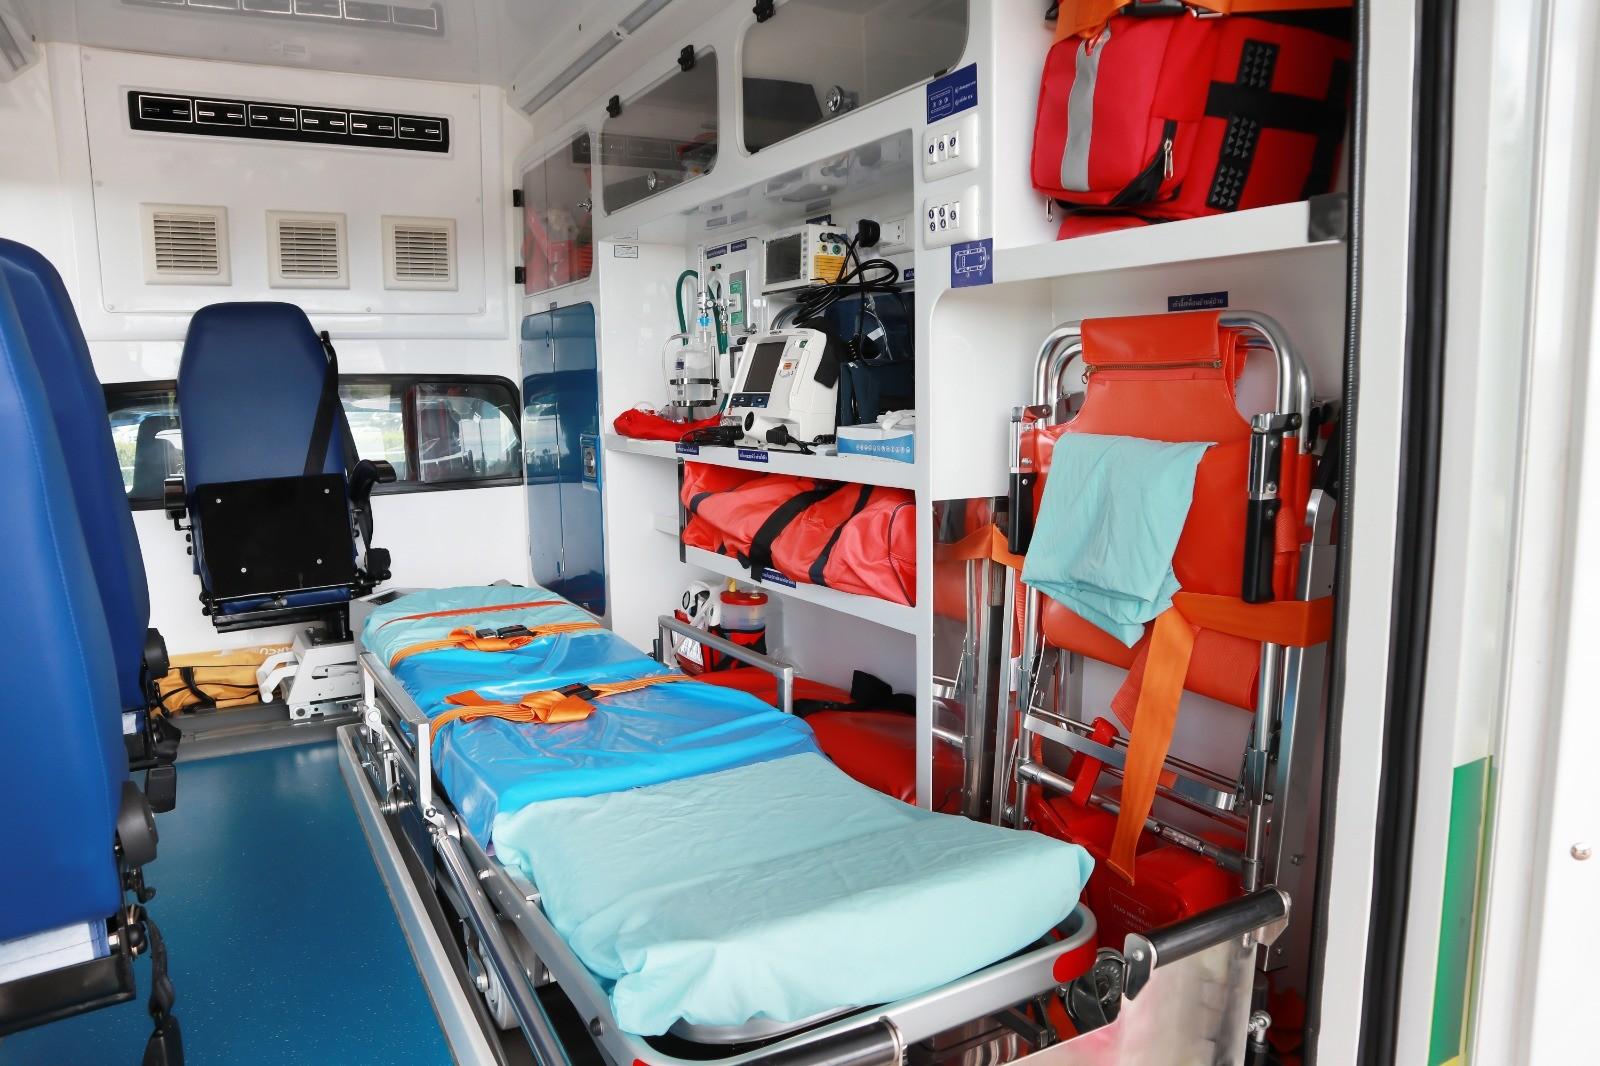 Asrın Ambulans olarak gelişmiş modern ambulans filomuzla sizlere üstün bir sağlık hizmeti sunuyoruz.